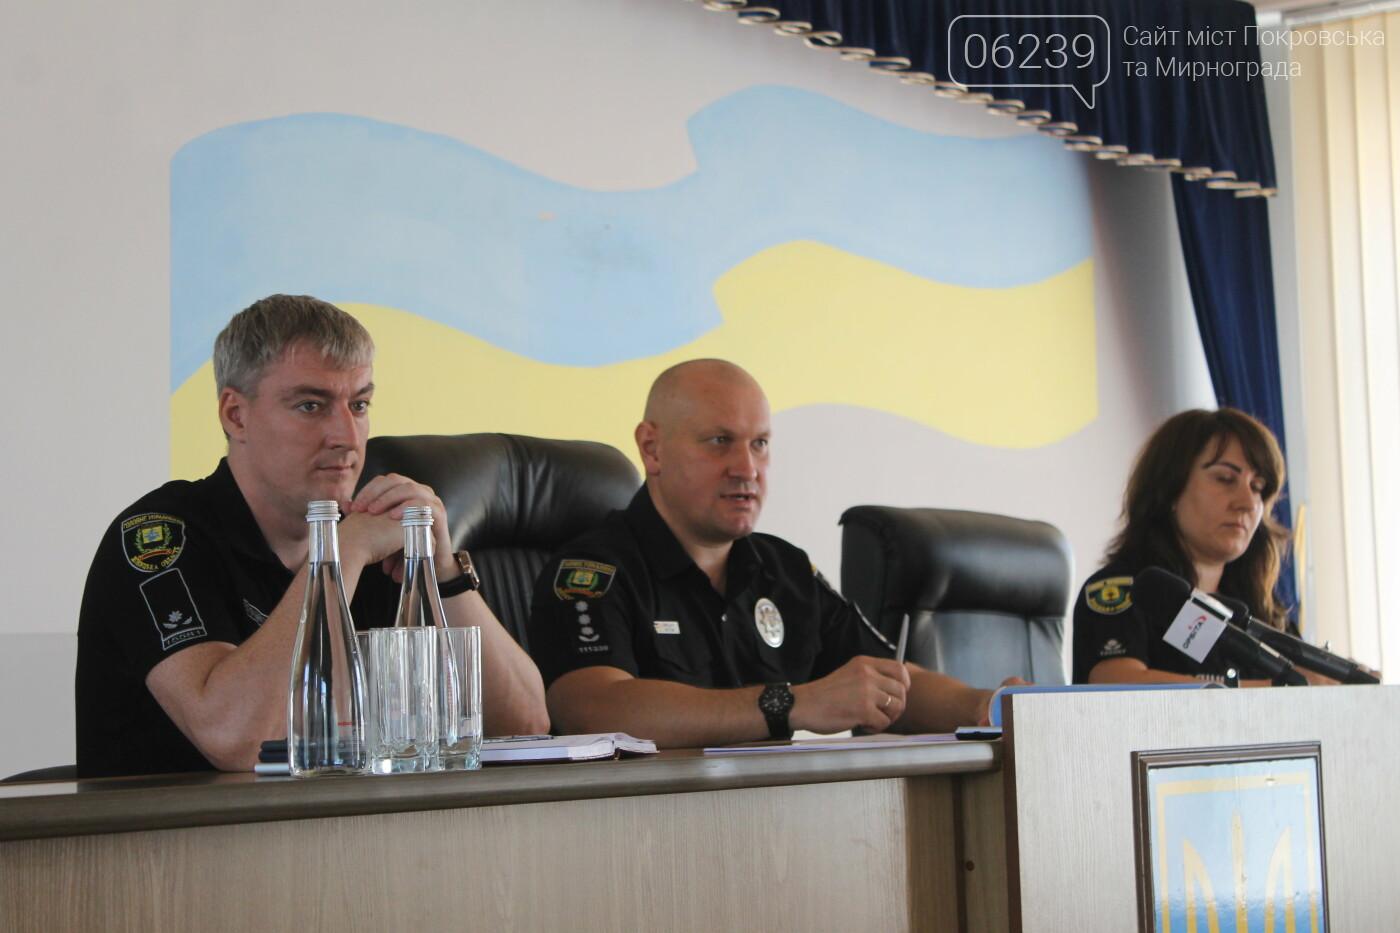 Наркотики, оружие и ДТП - все о профилактической отработке в Покровской оперзоне, фото-2